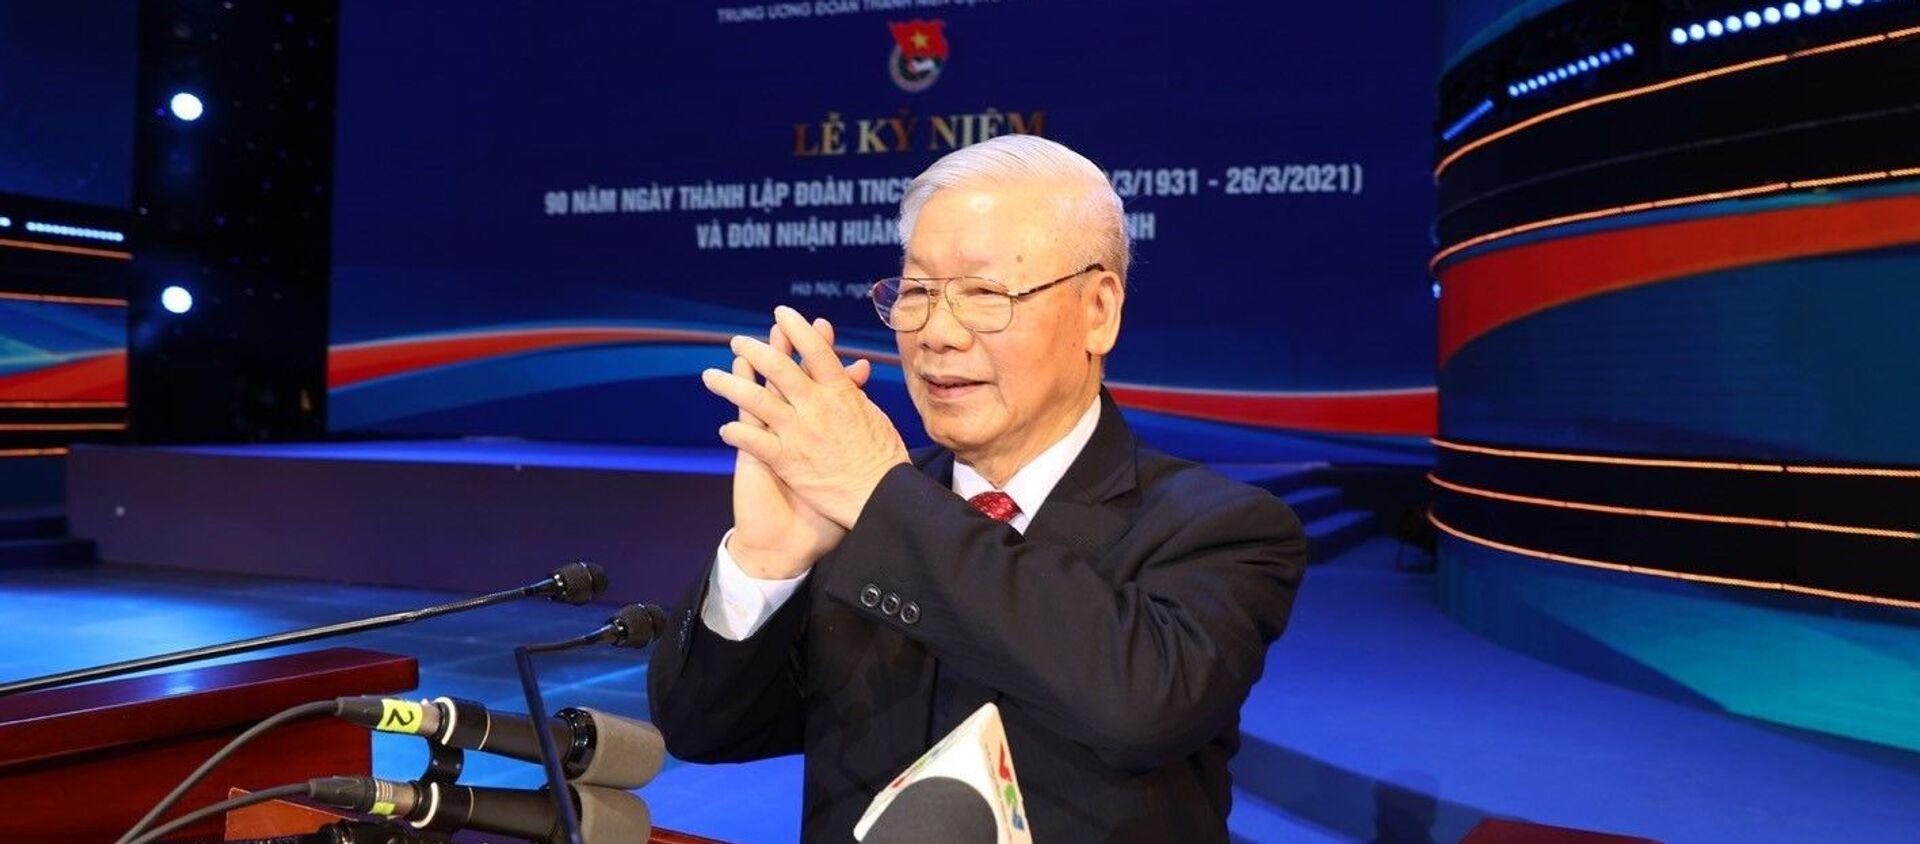 Tổng Bí thư, Chủ tịch nước Nguyễn Phú Trọng phát biểu tại Lễ kỷ niệm. - Sputnik Việt Nam, 1920, 24.03.2021